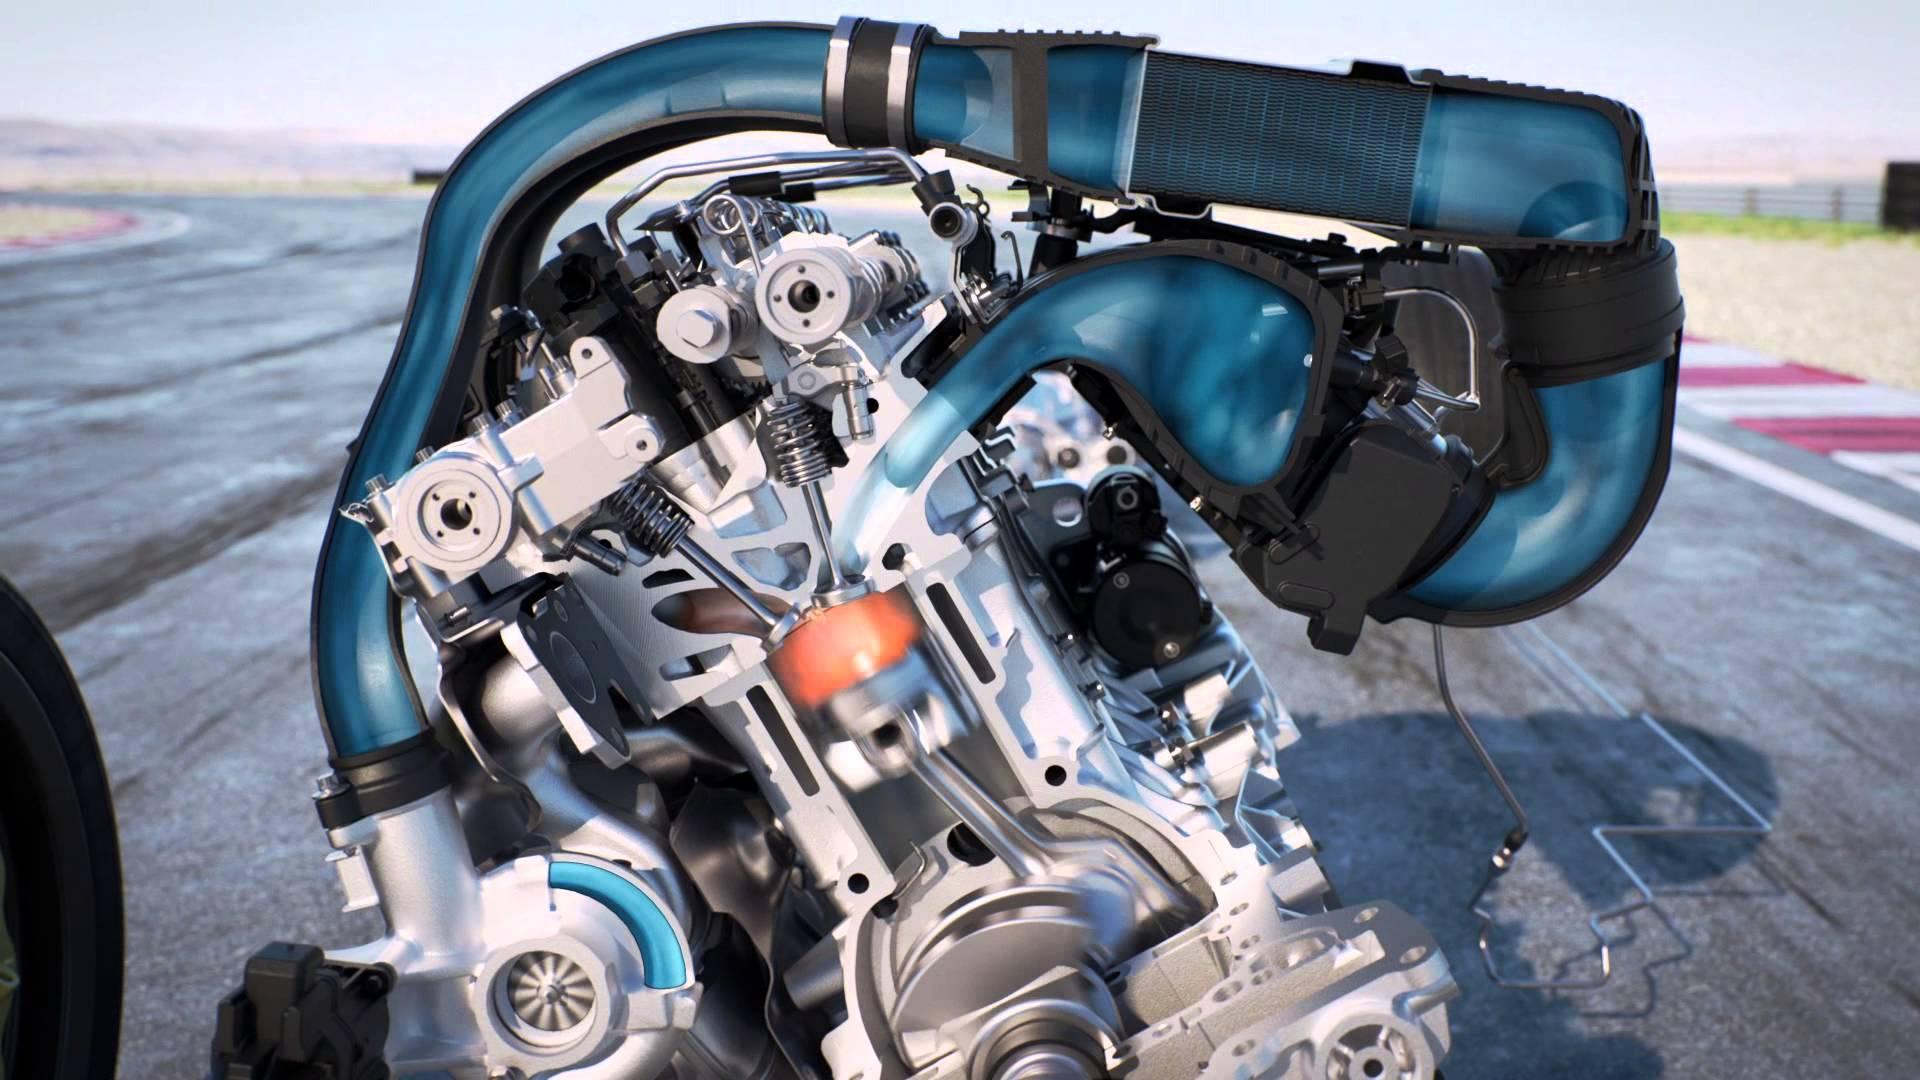 Moteurs-BMW-six-cylindres-en-ligne-1.jpg